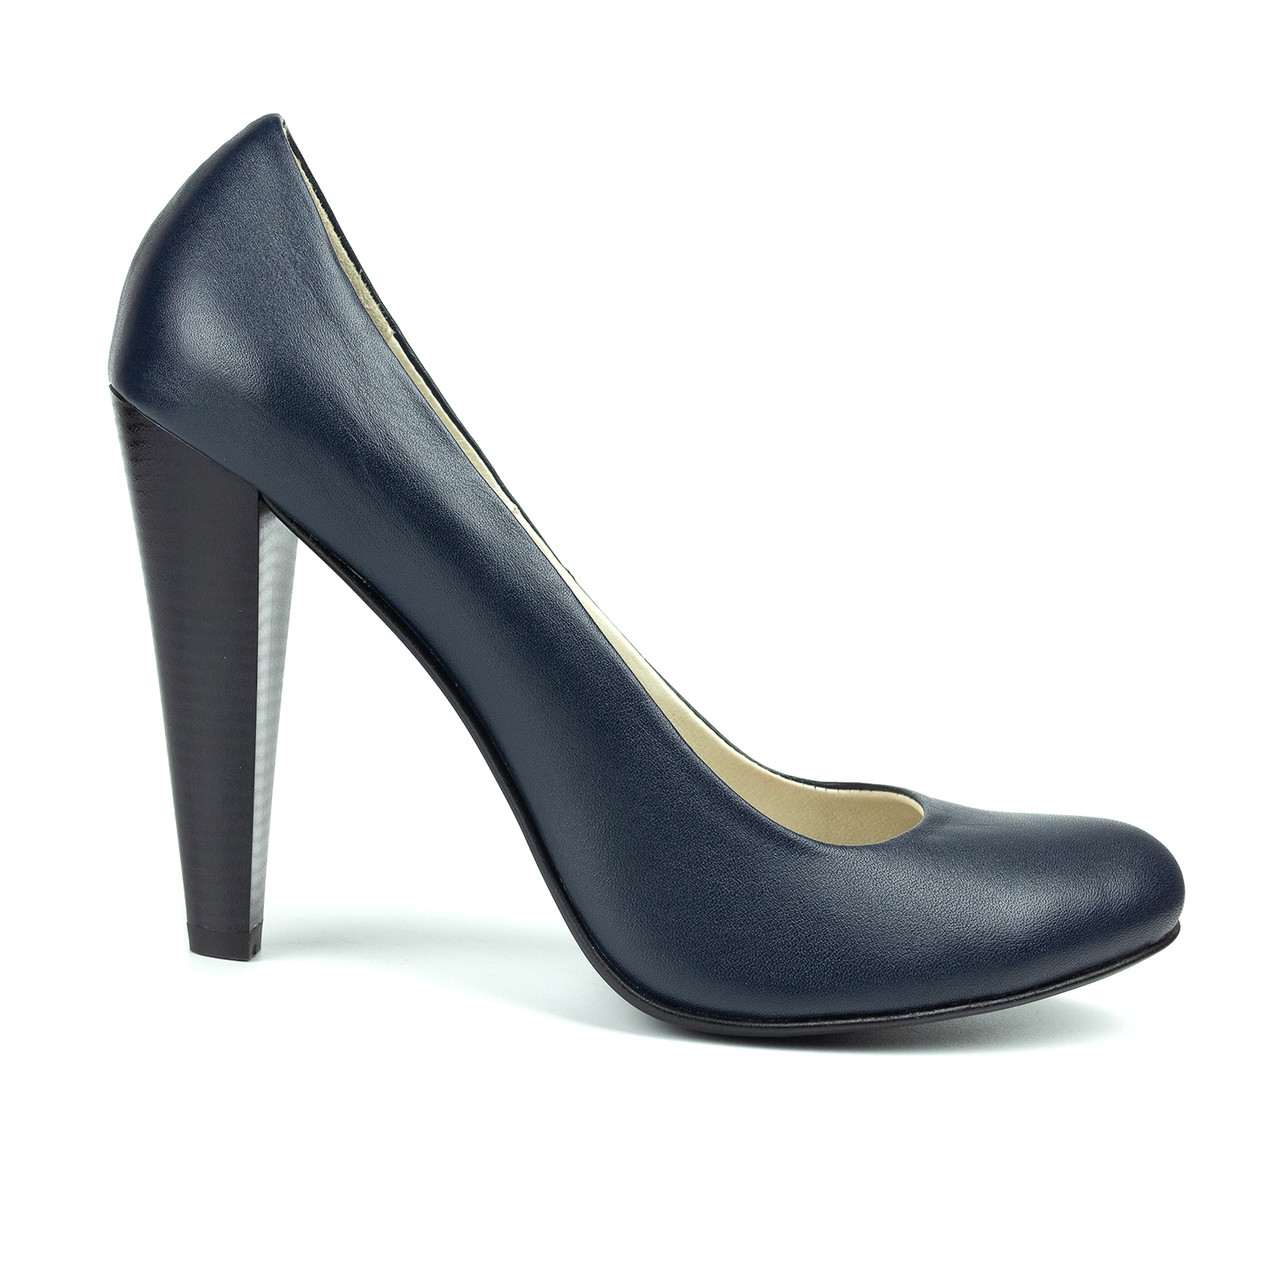 Туфли женские Woman's heel 39 темно-синие (О-566)